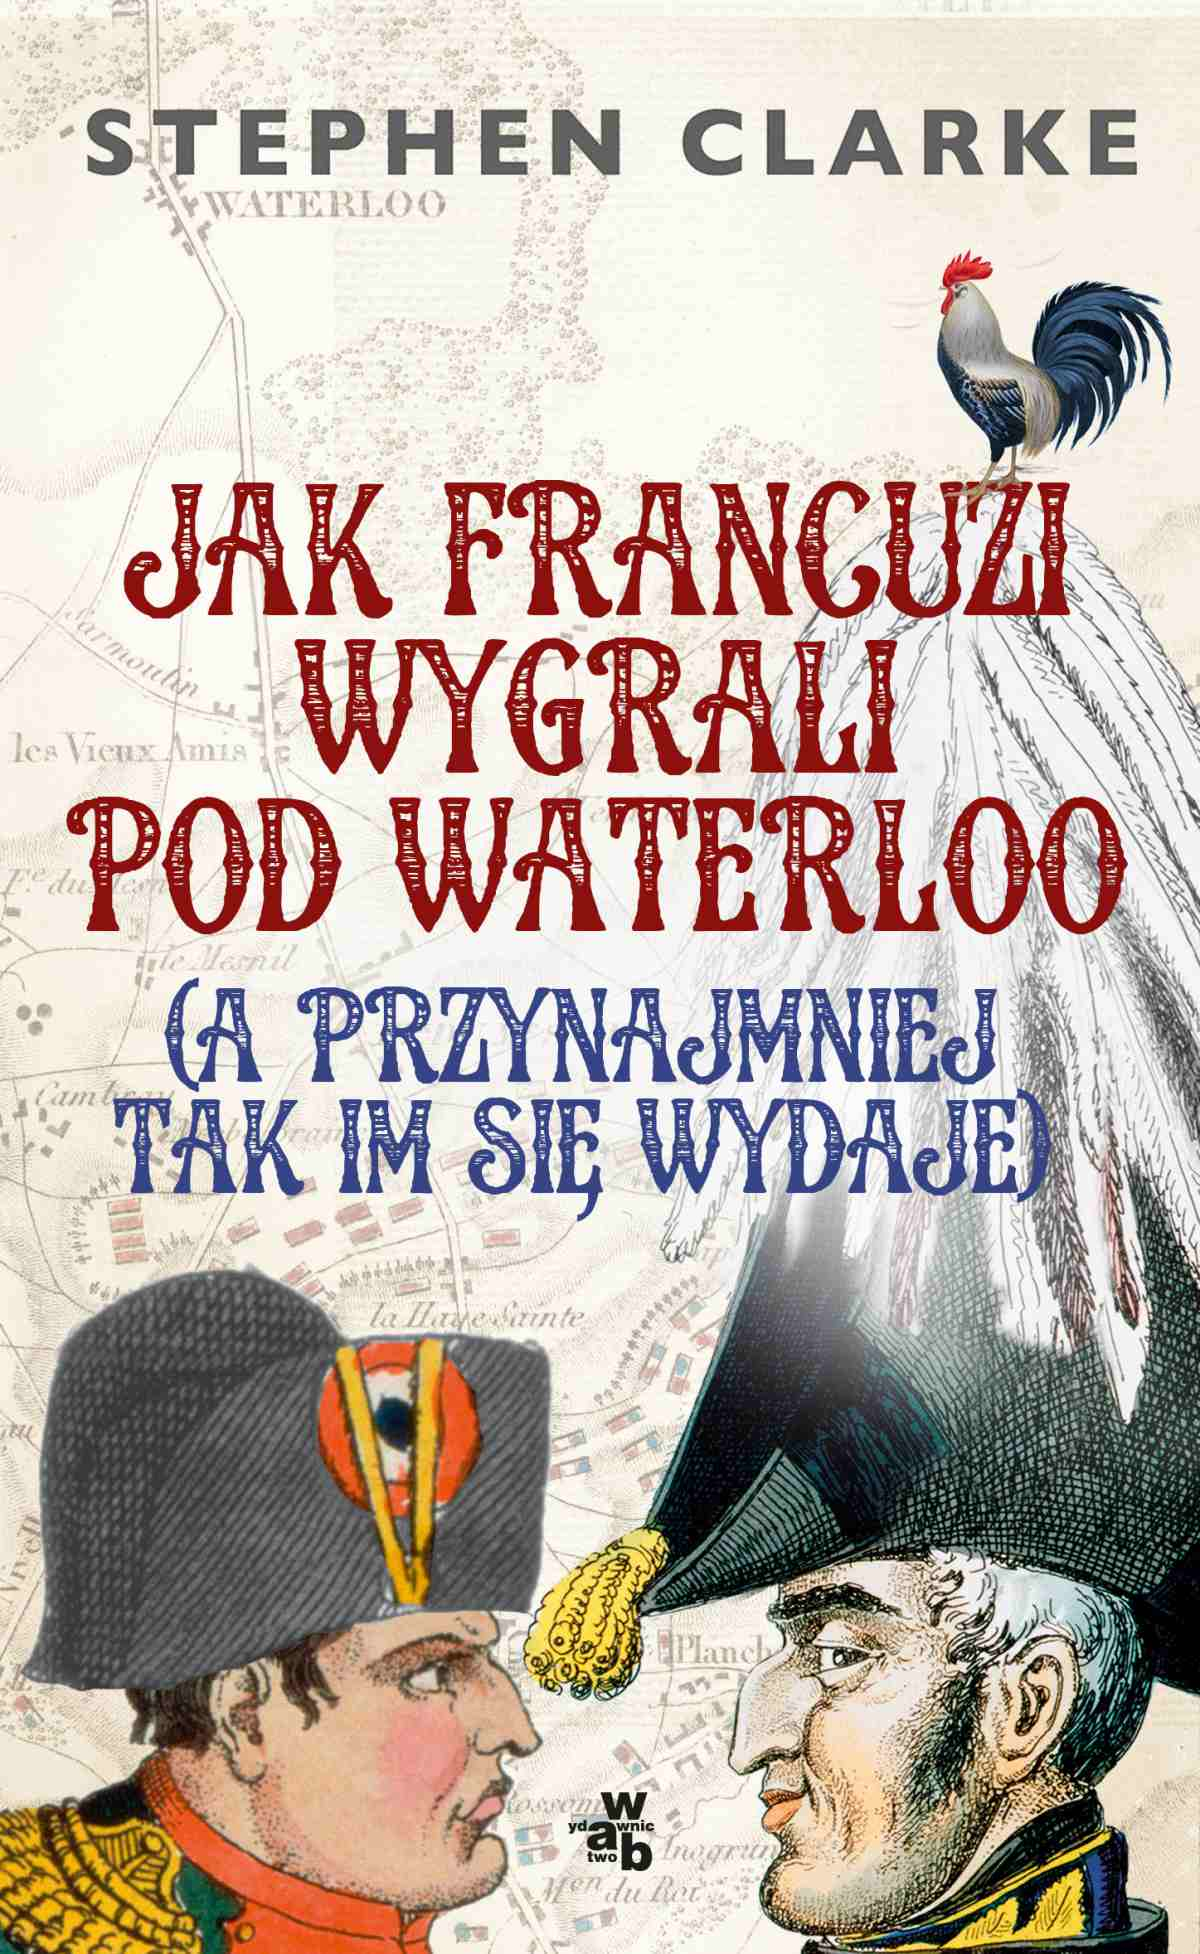 Jak Francuzi wygrali pod Waterloo (a przynajmniej tak im się wydaje) - Ebook (Książka na Kindle) do pobrania w formacie MOBI